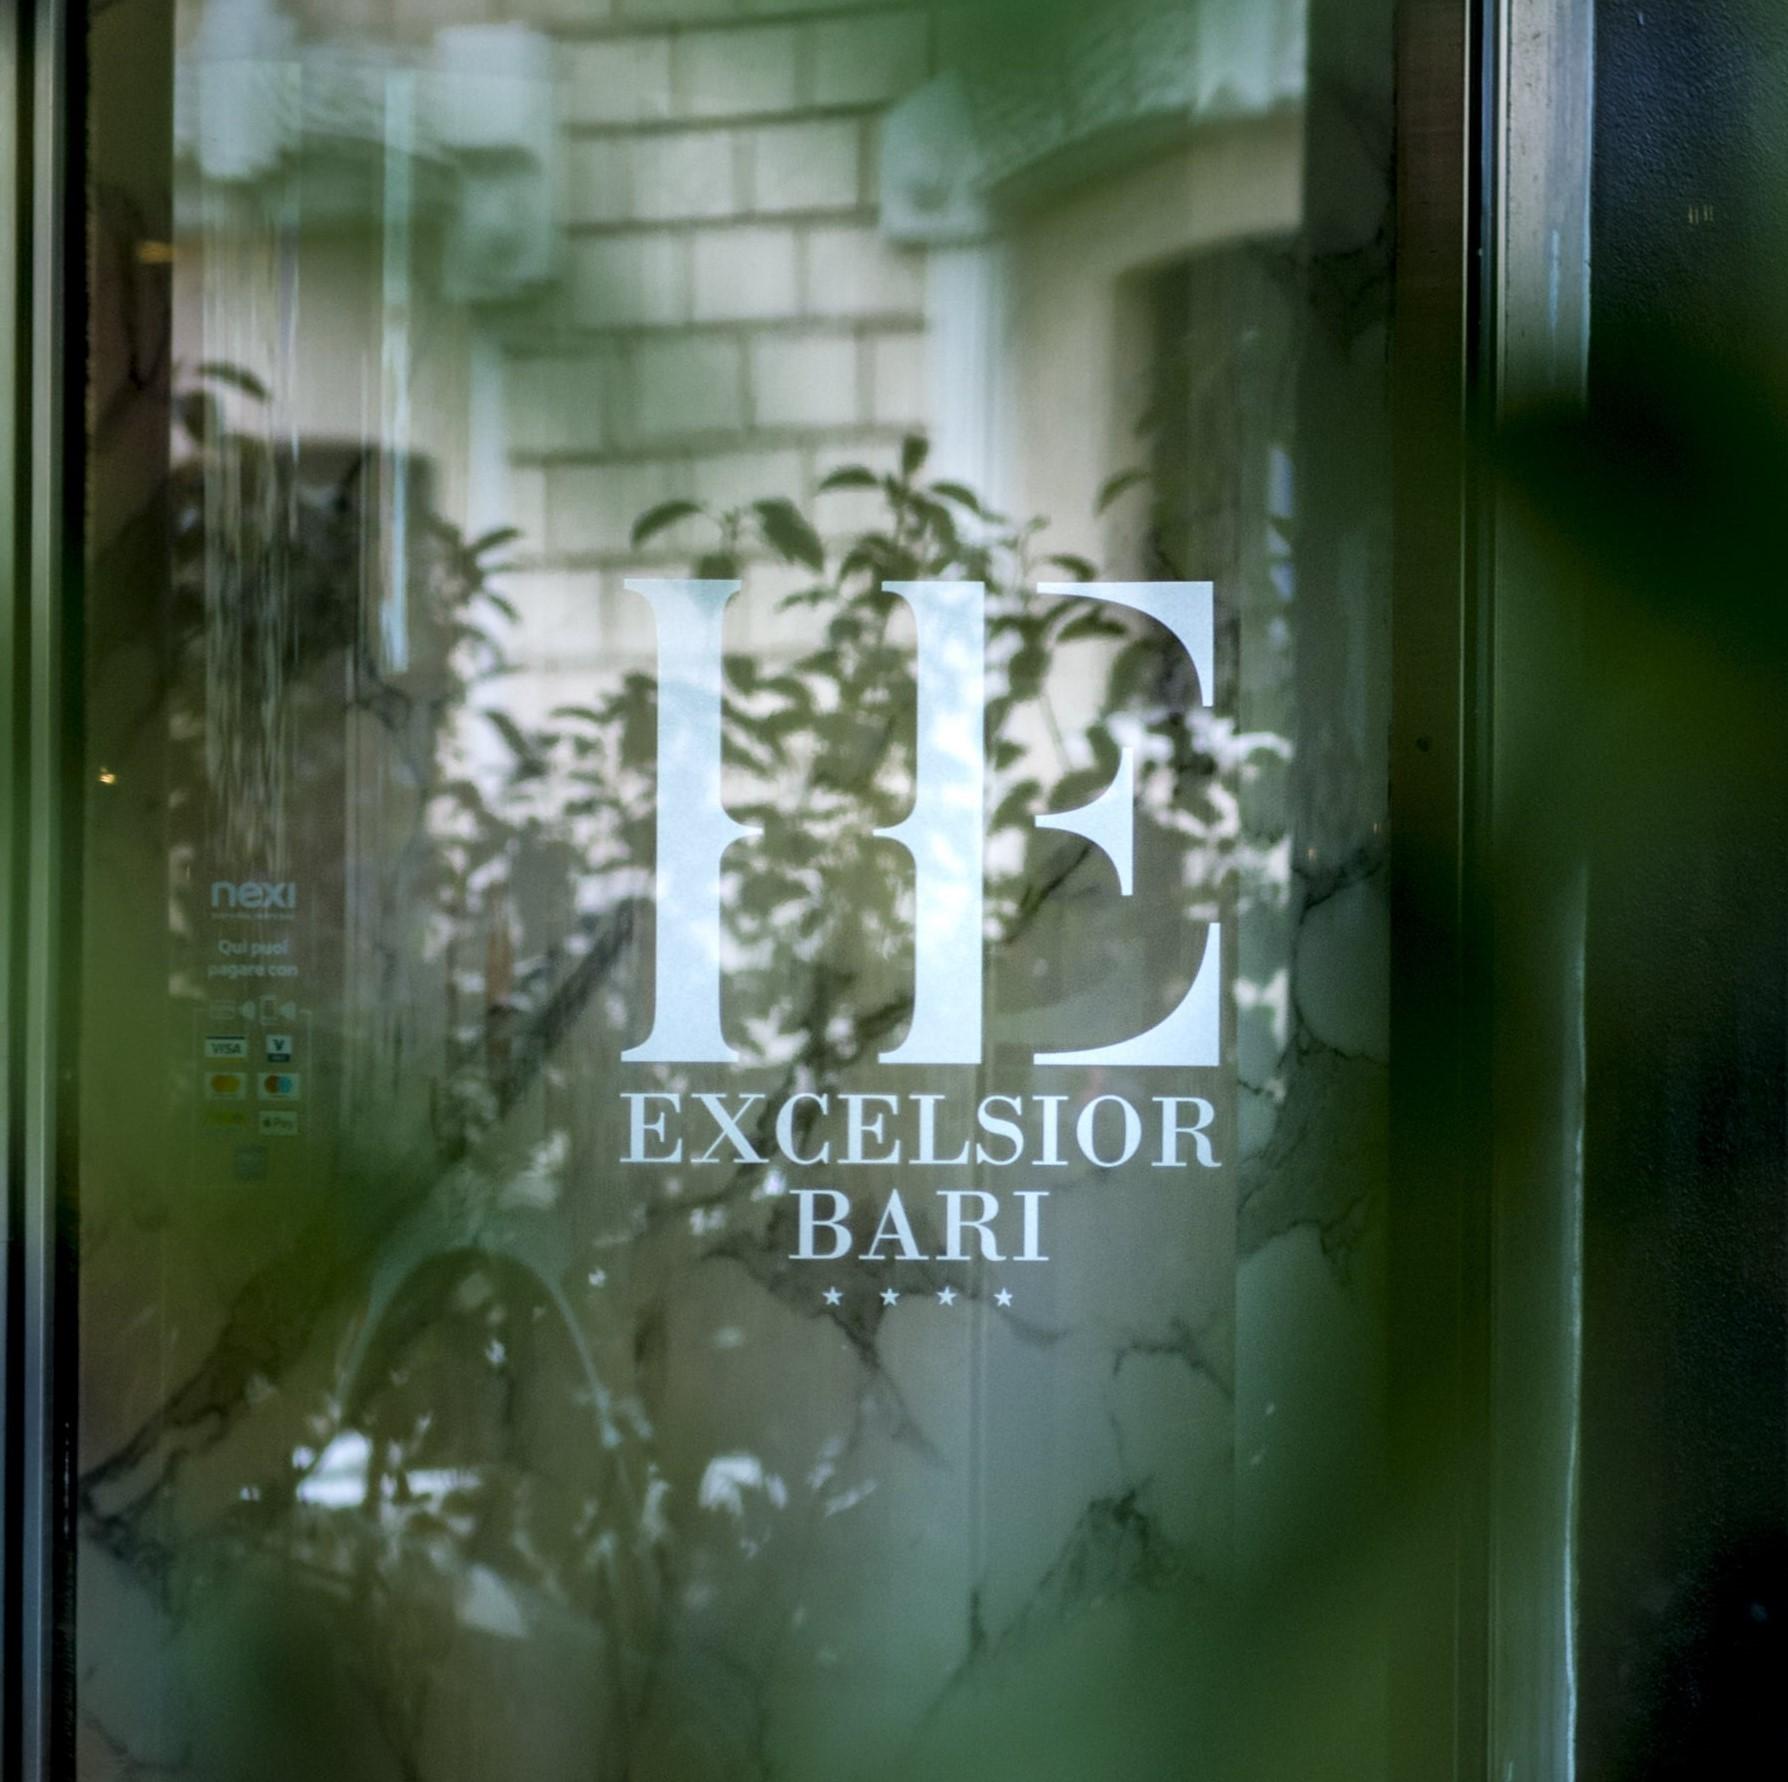 ingresso_hotel_excelsior_bari_struttura_per_soggiorni_riunioni_eventi_convegni_via_petroni_centro (5) resize